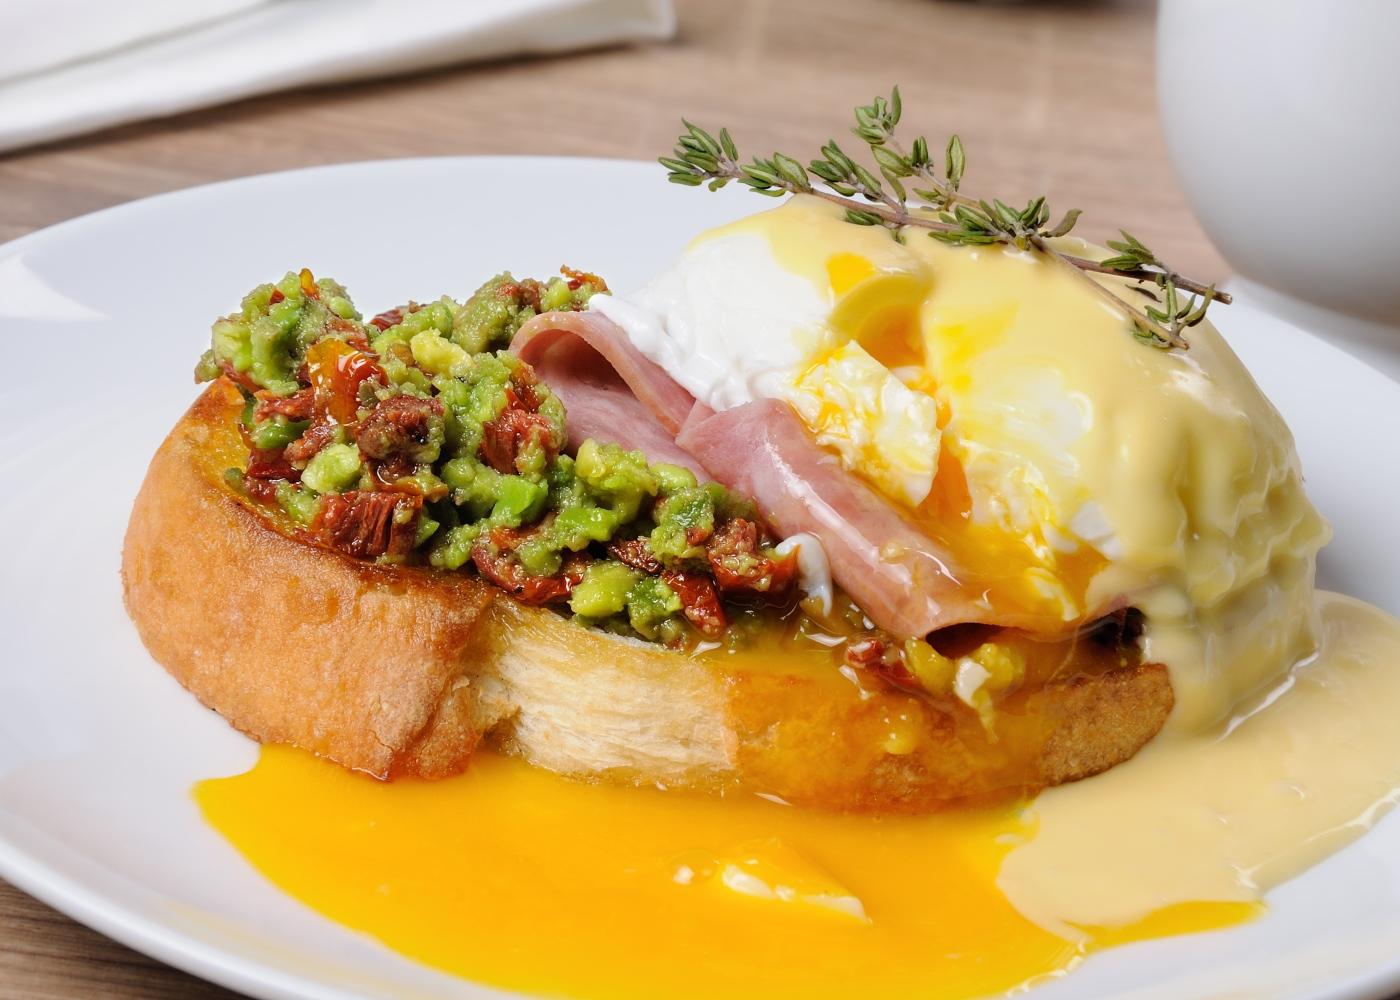 Bruschetta com puré de ervilhas e ovo cozido